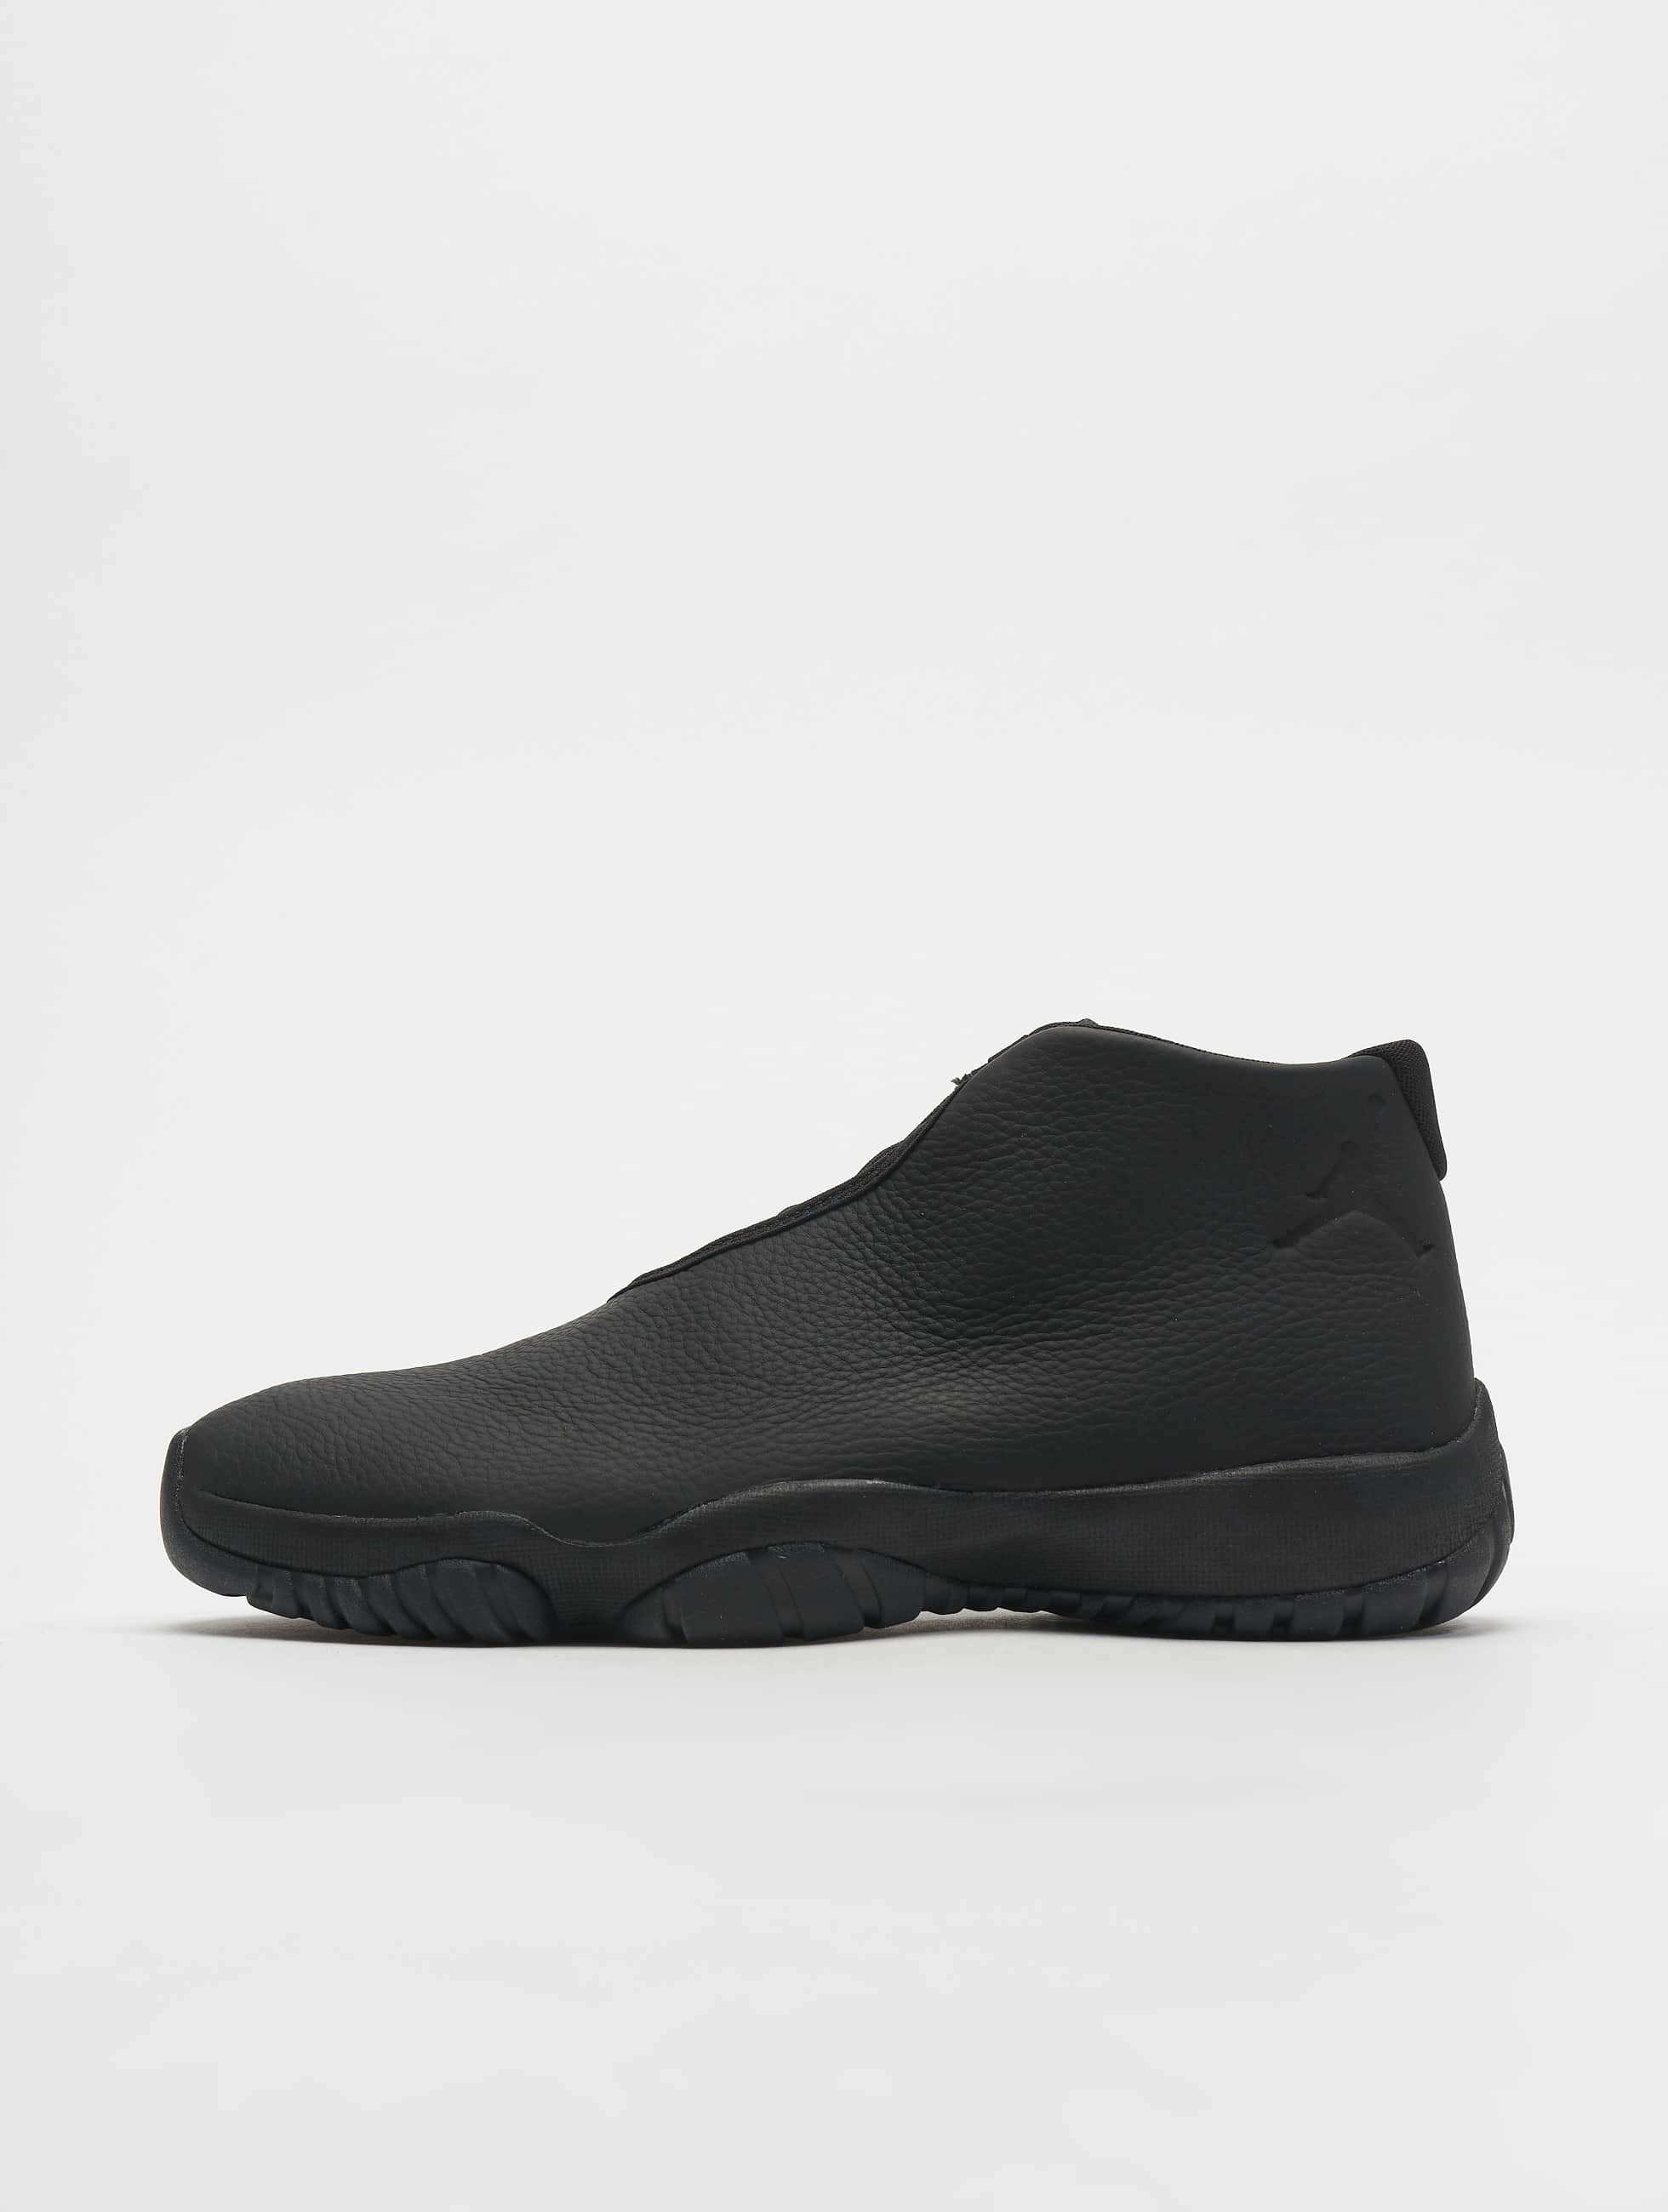 online store bf00e 7e665 Jordan Herren Sneaker Future Three Quarter in schwarz 653689